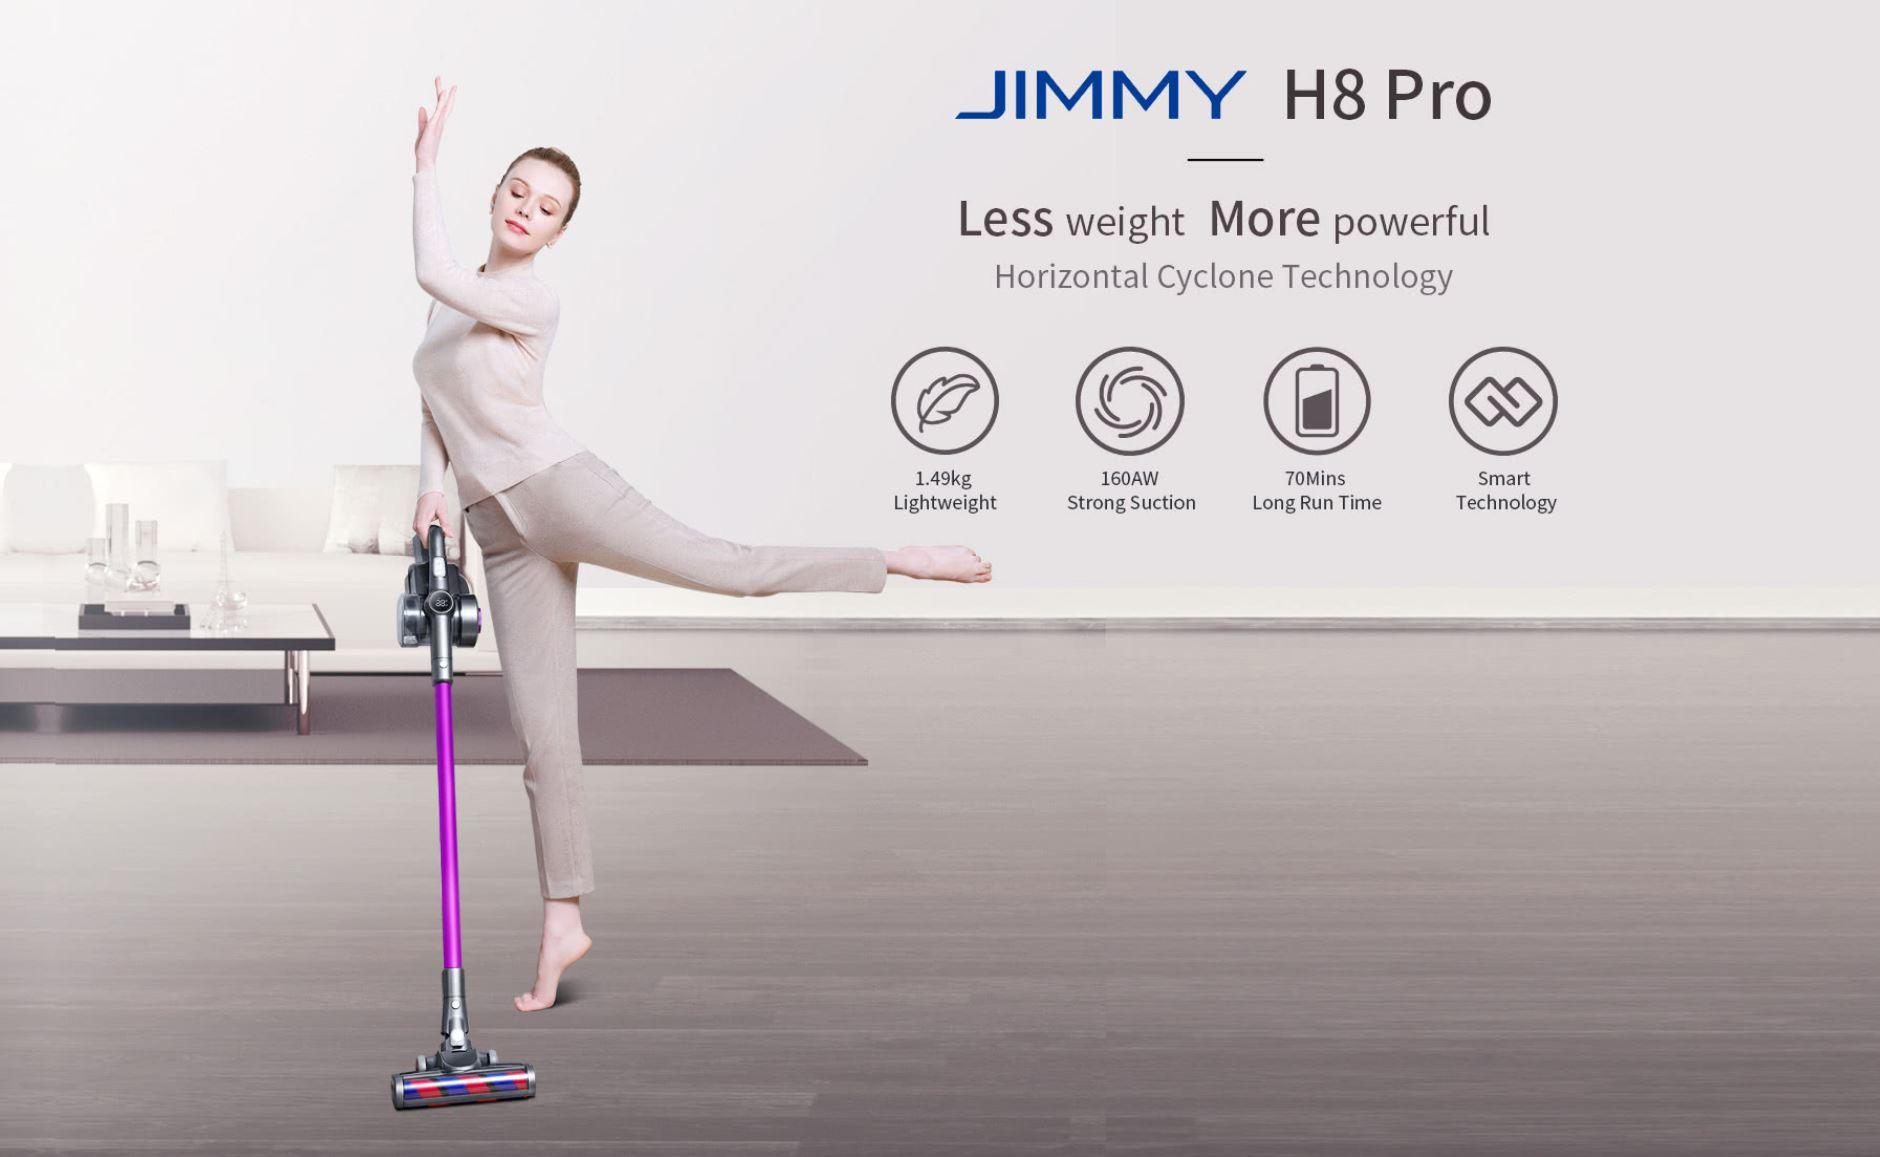 Promocja nowej serii odkurzaczy Jimmy w geekbuying.com - Jimmy H8 Pro